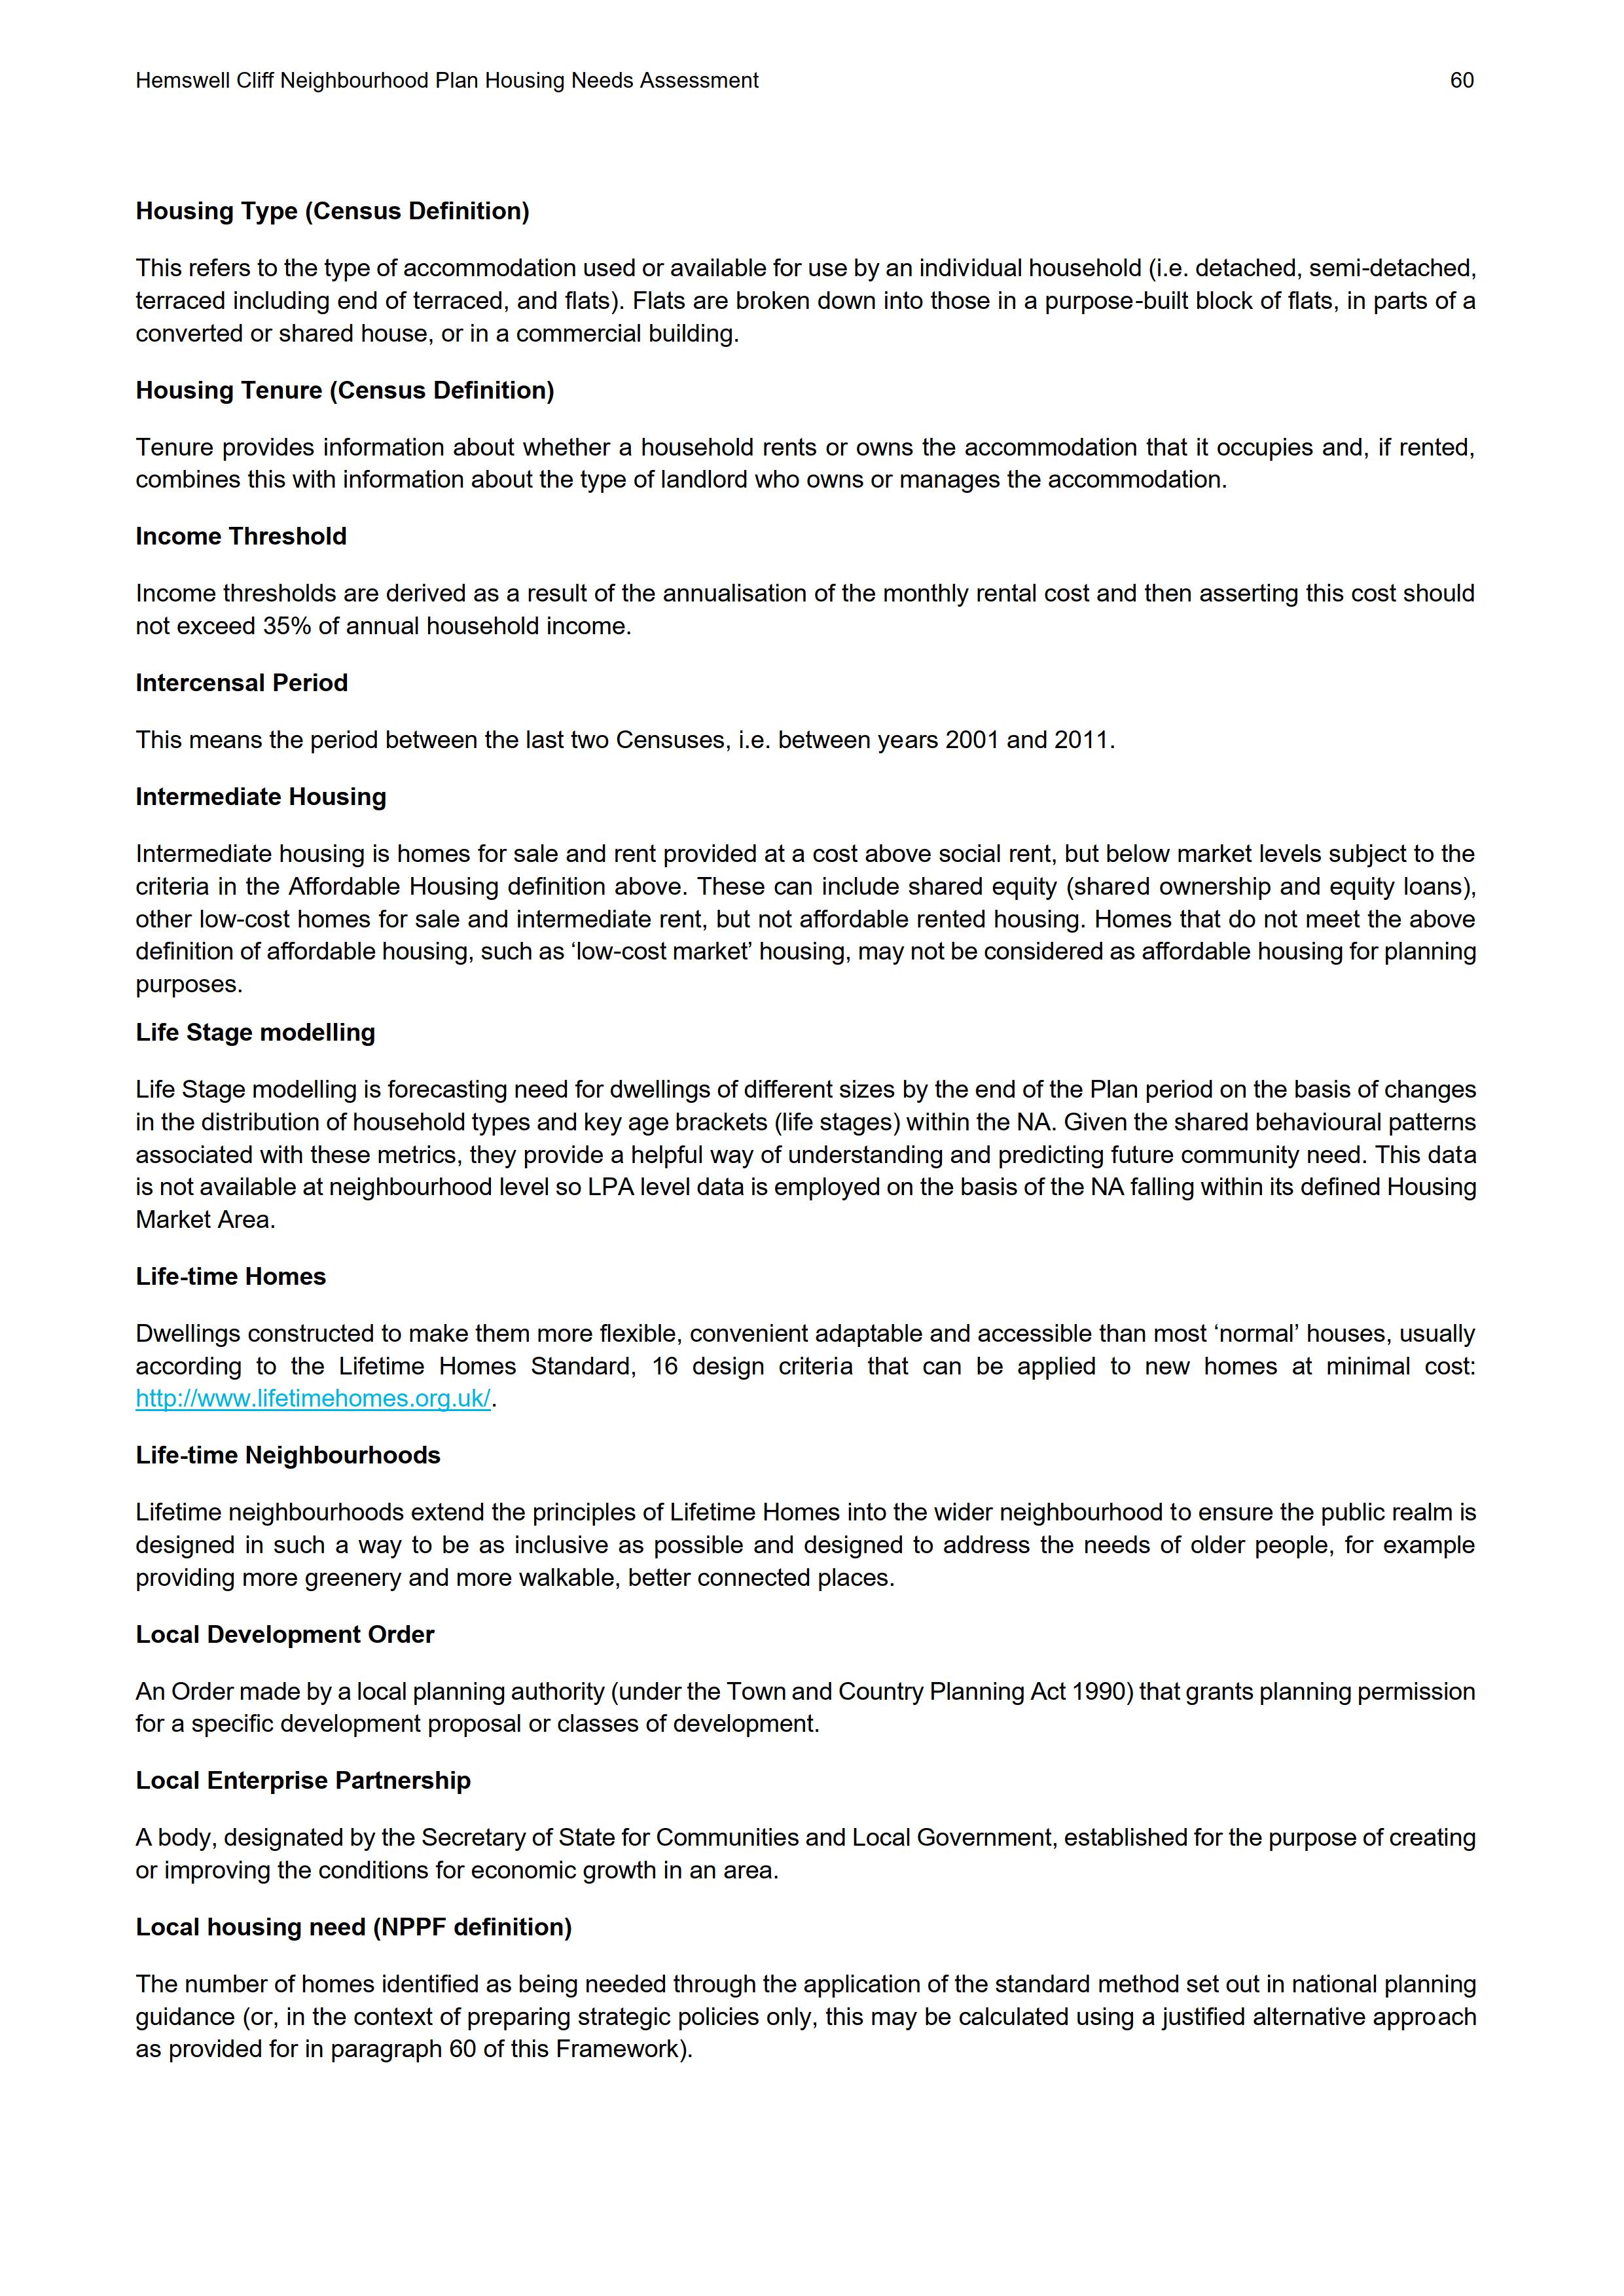 Hemswell_Cliff_Housing_Needs_Assessment_Final_60.png